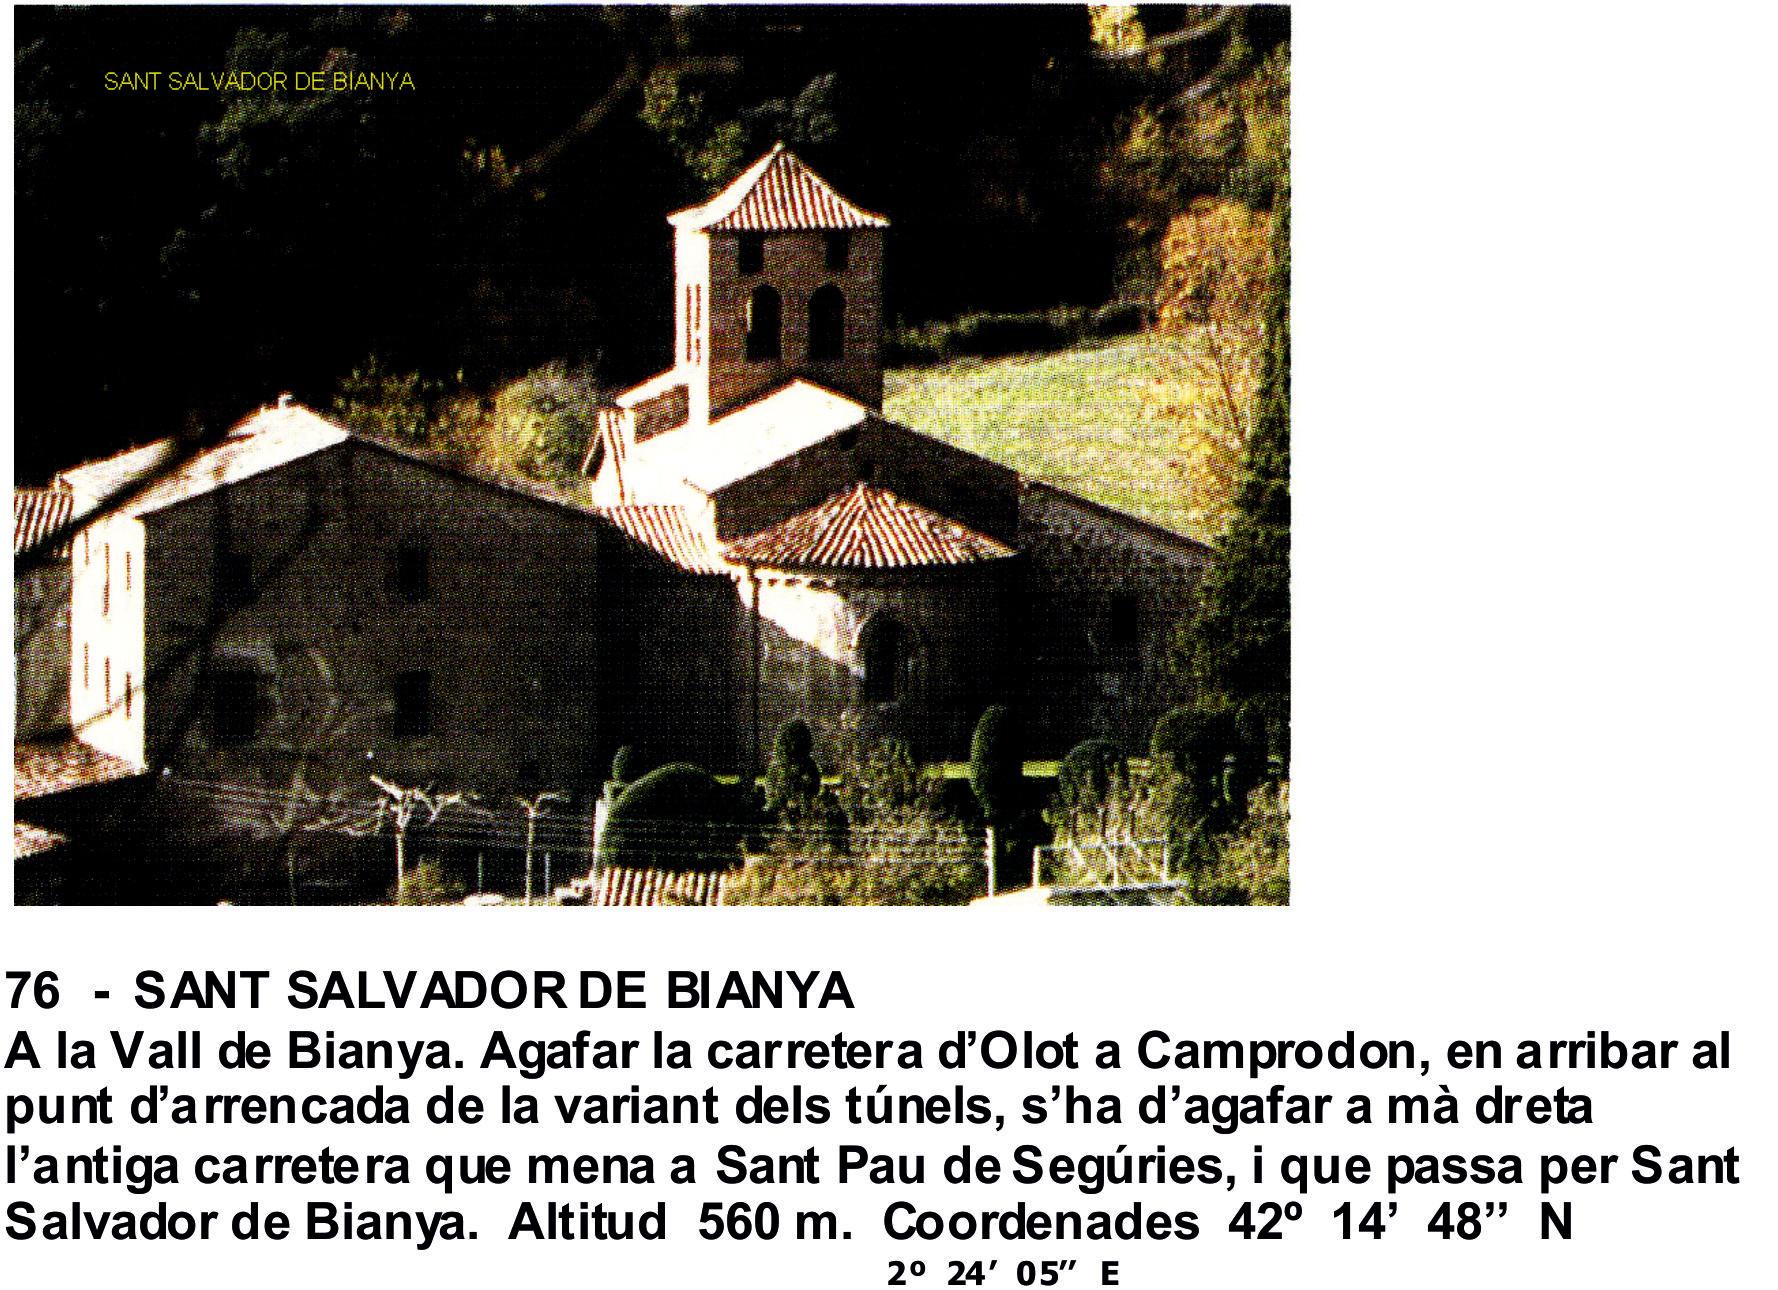 76  -  SANT SALVADOR DE BIANYA